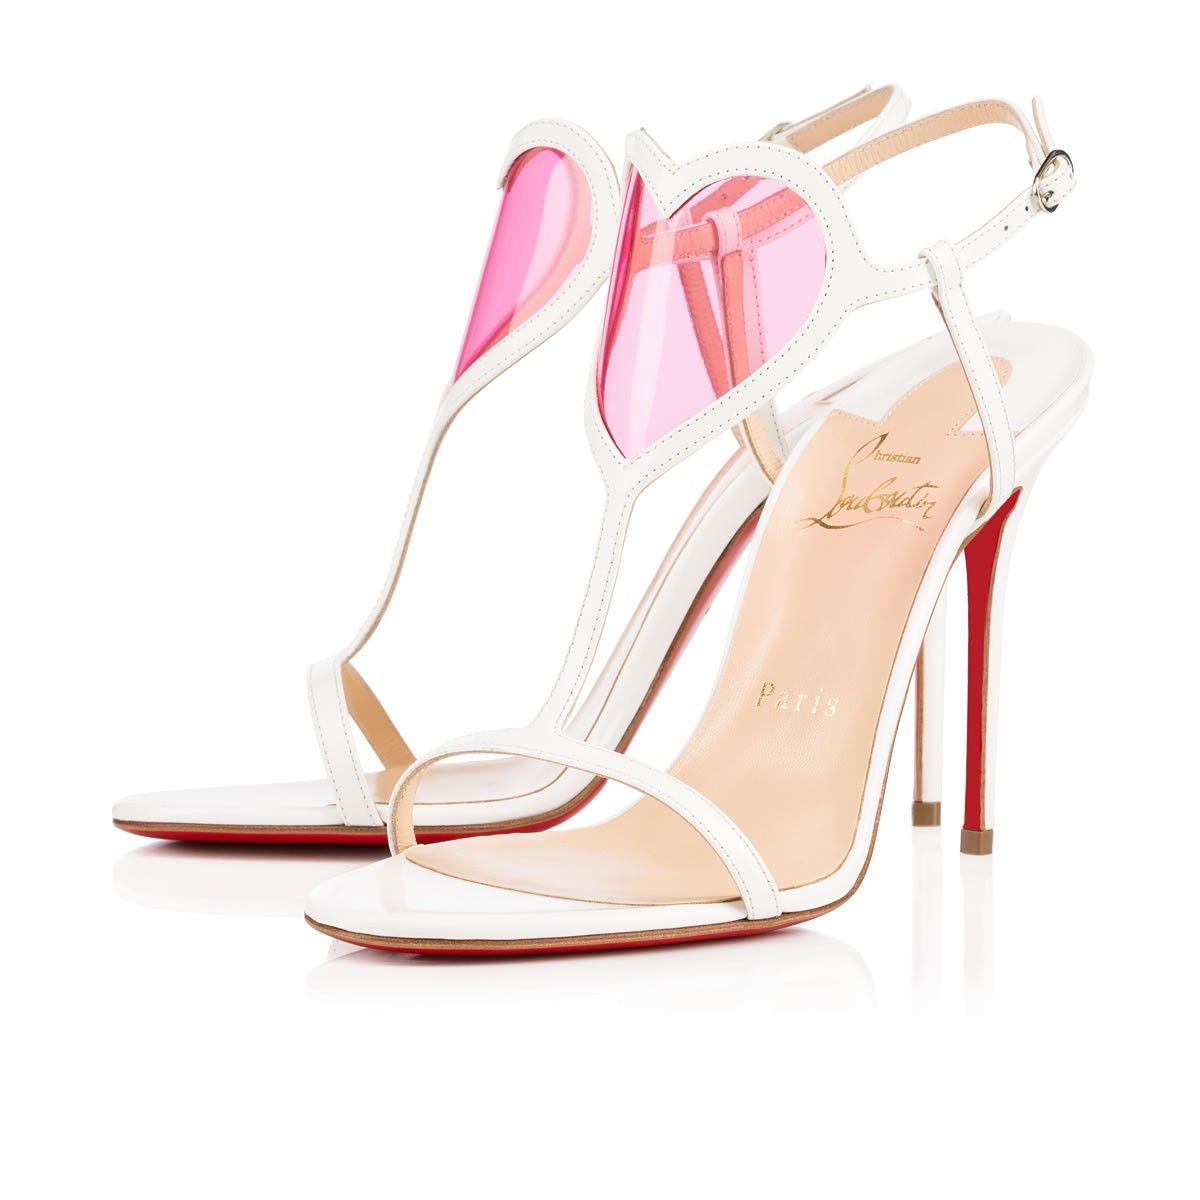 christian louboutin cora heart shoes